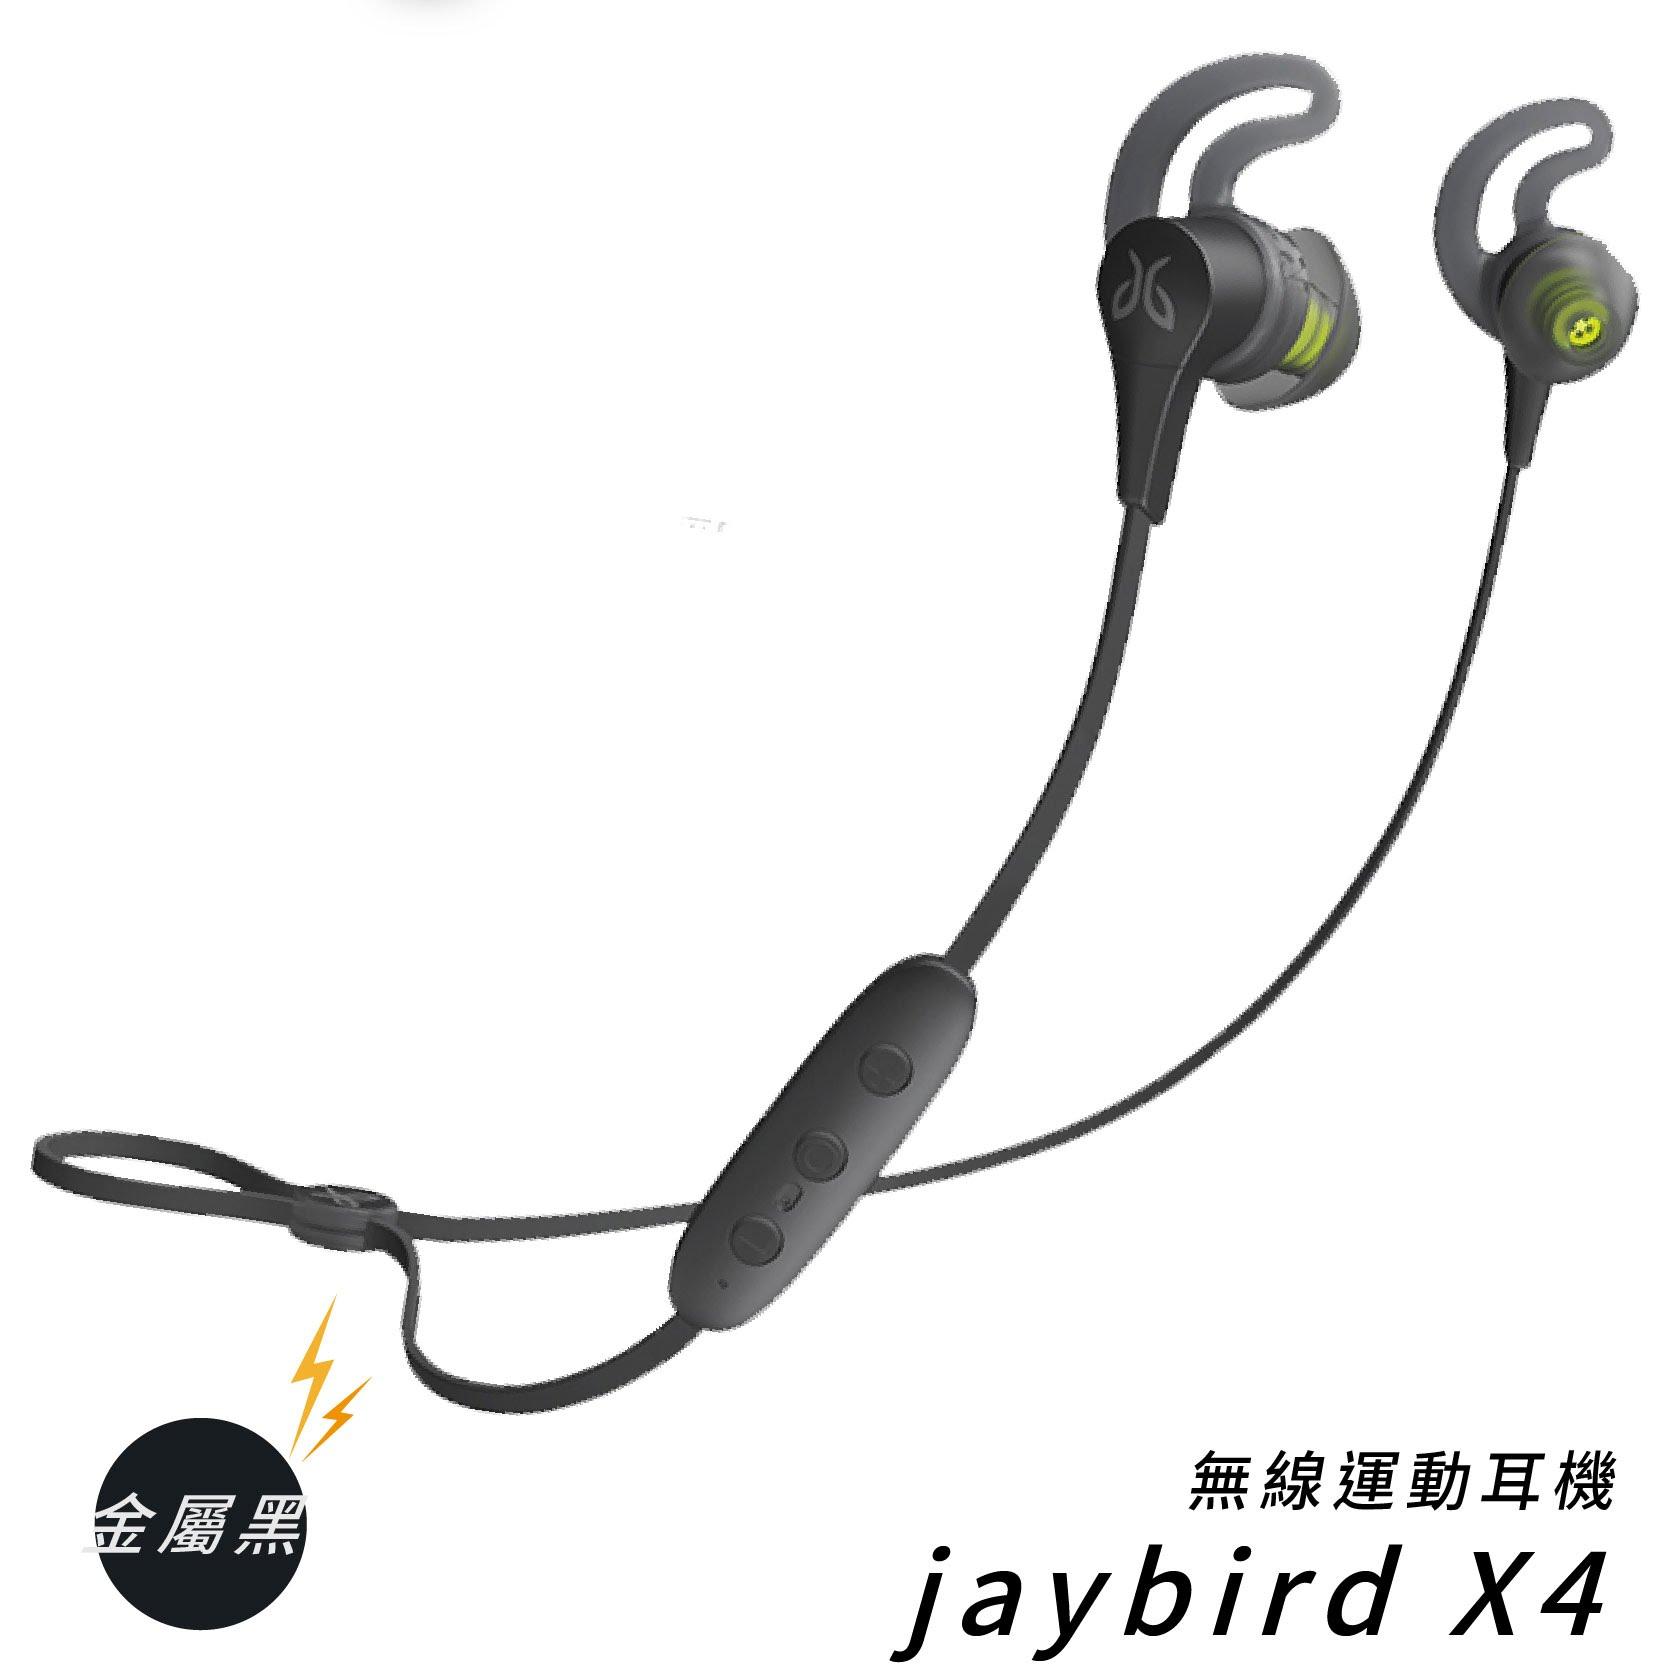 【美國JayBird】X4 無線運動耳機-金屬黑 自訂等化器 防汗防水 健身運動 耳道式 入耳式 藍芽耳機